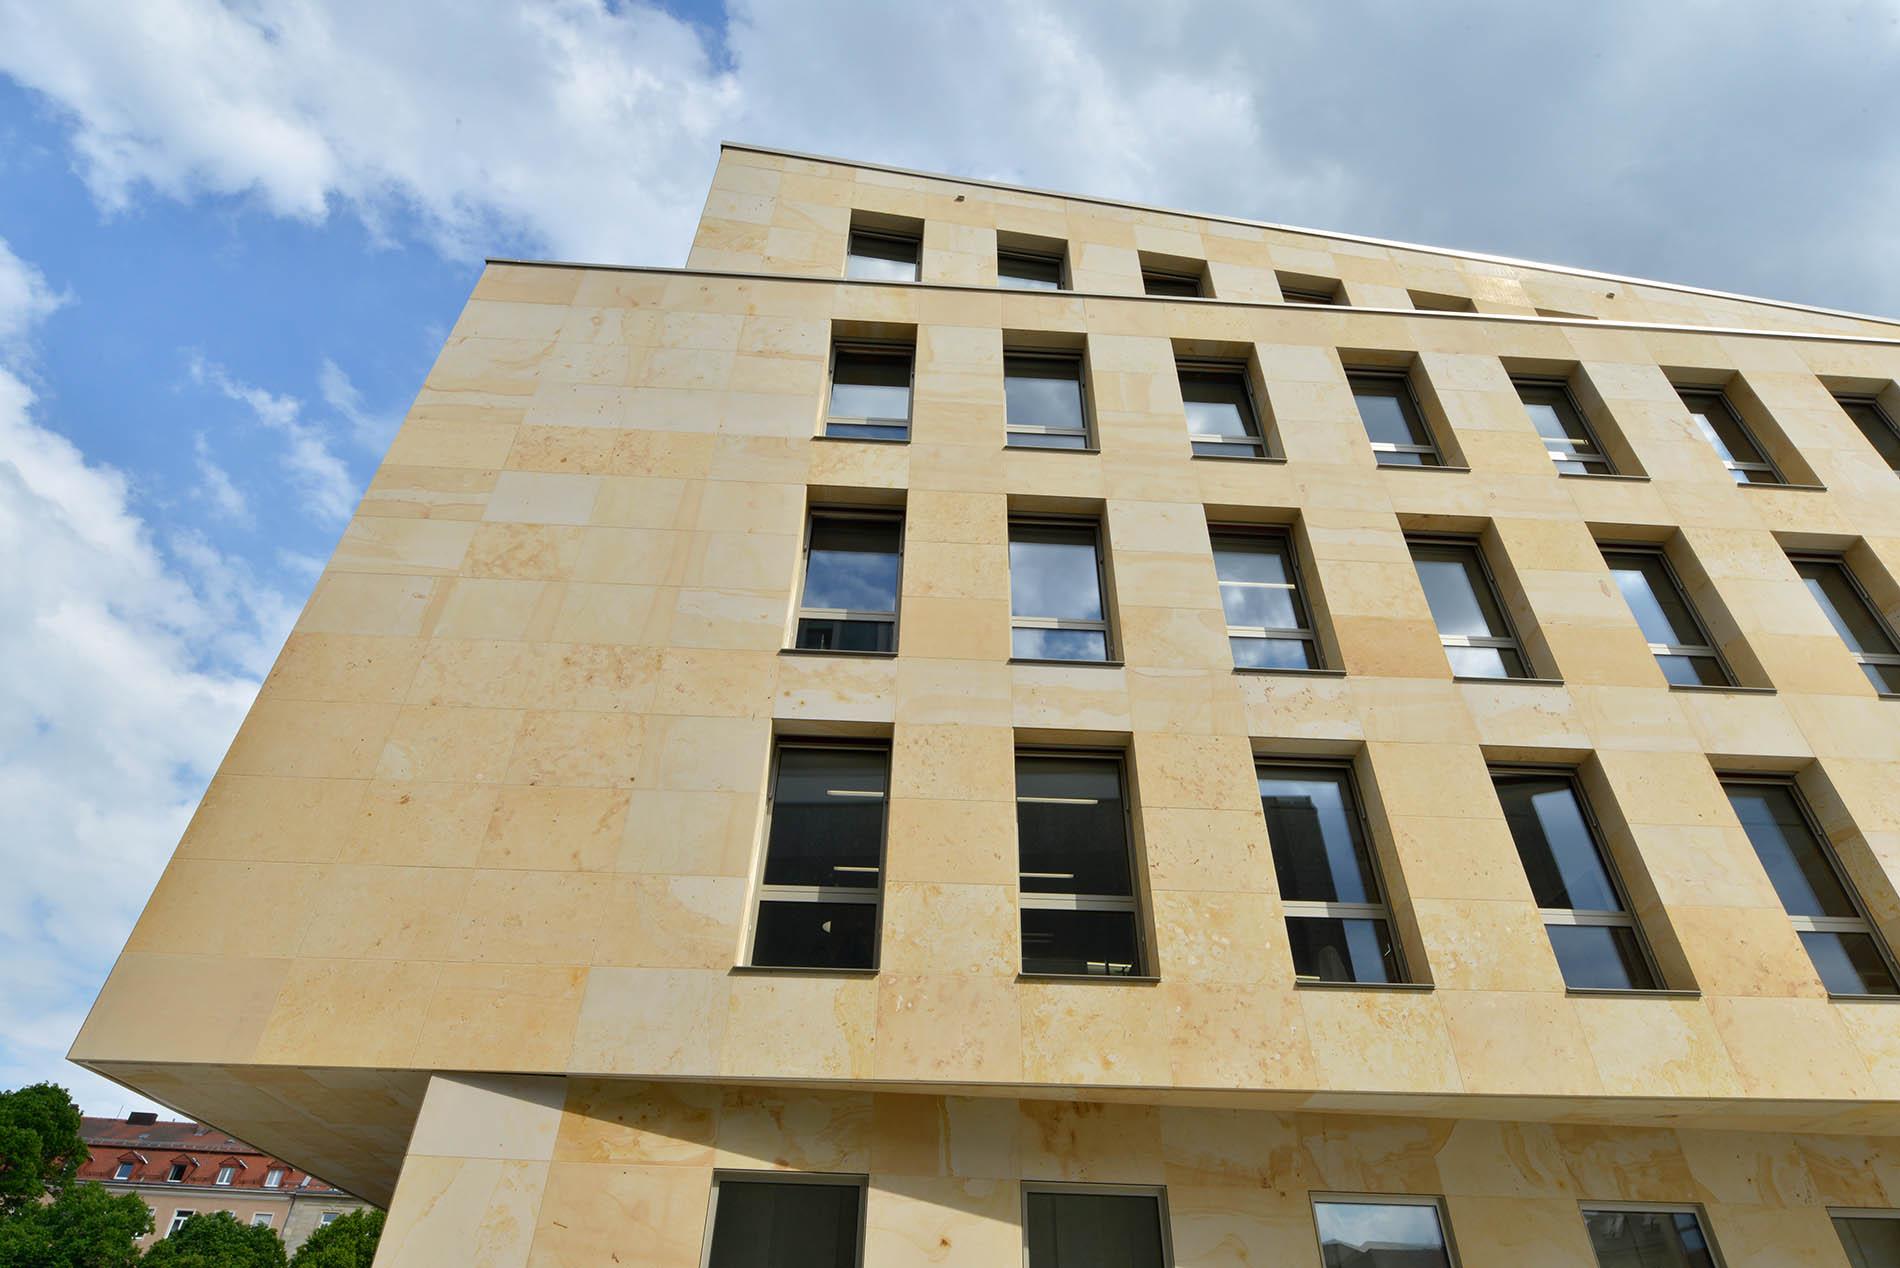 Sparkasse in Bayreuth - hinterlüftete Natursteinfassade aus Seeberger Sandstein